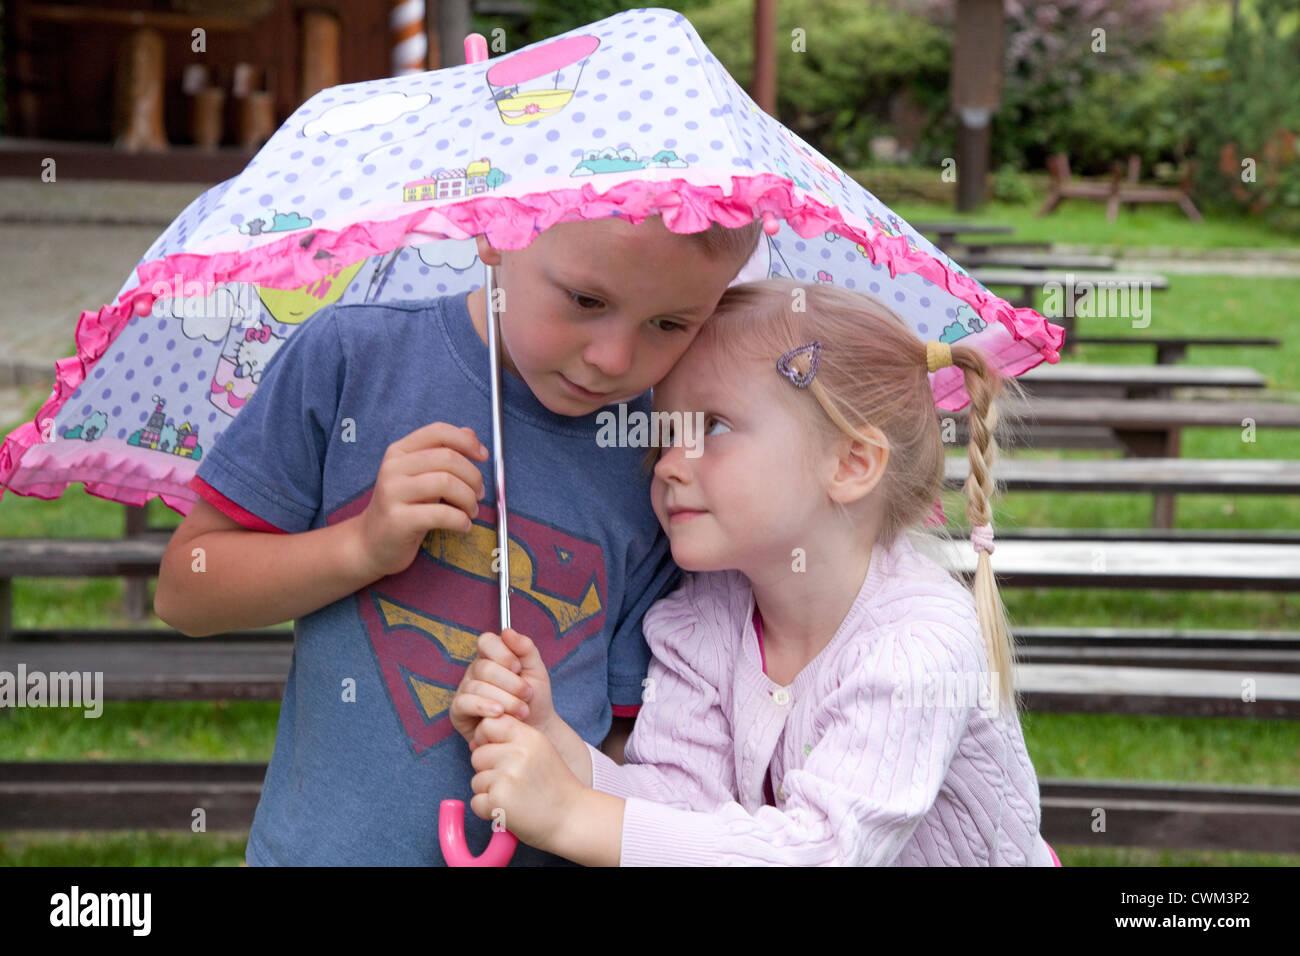 Aimer les frères et sœurs des enfants garçon et fille de 6 et 4 sous un parasol. Spala Centre de la Pologne Photo Stock